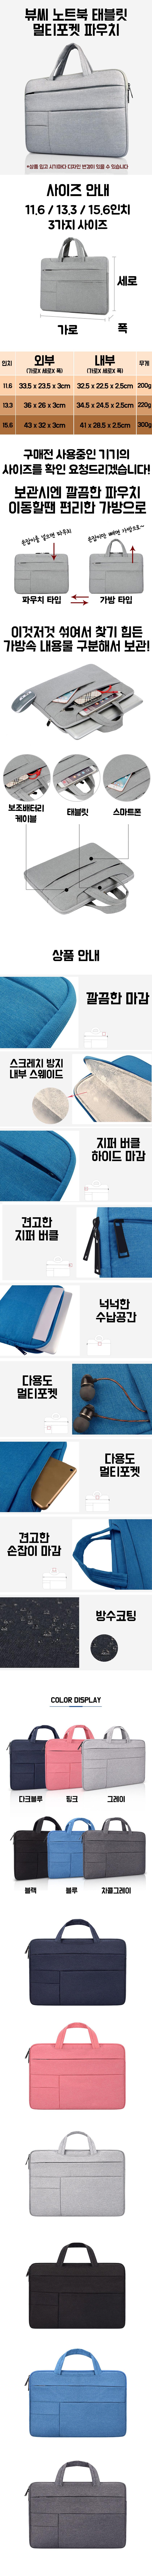 13인치 태블릿 노트북 포켓 가방파우치 핑크 EP-0R - 뷰씨, 20,150원, 케이스, 아이패드/미니